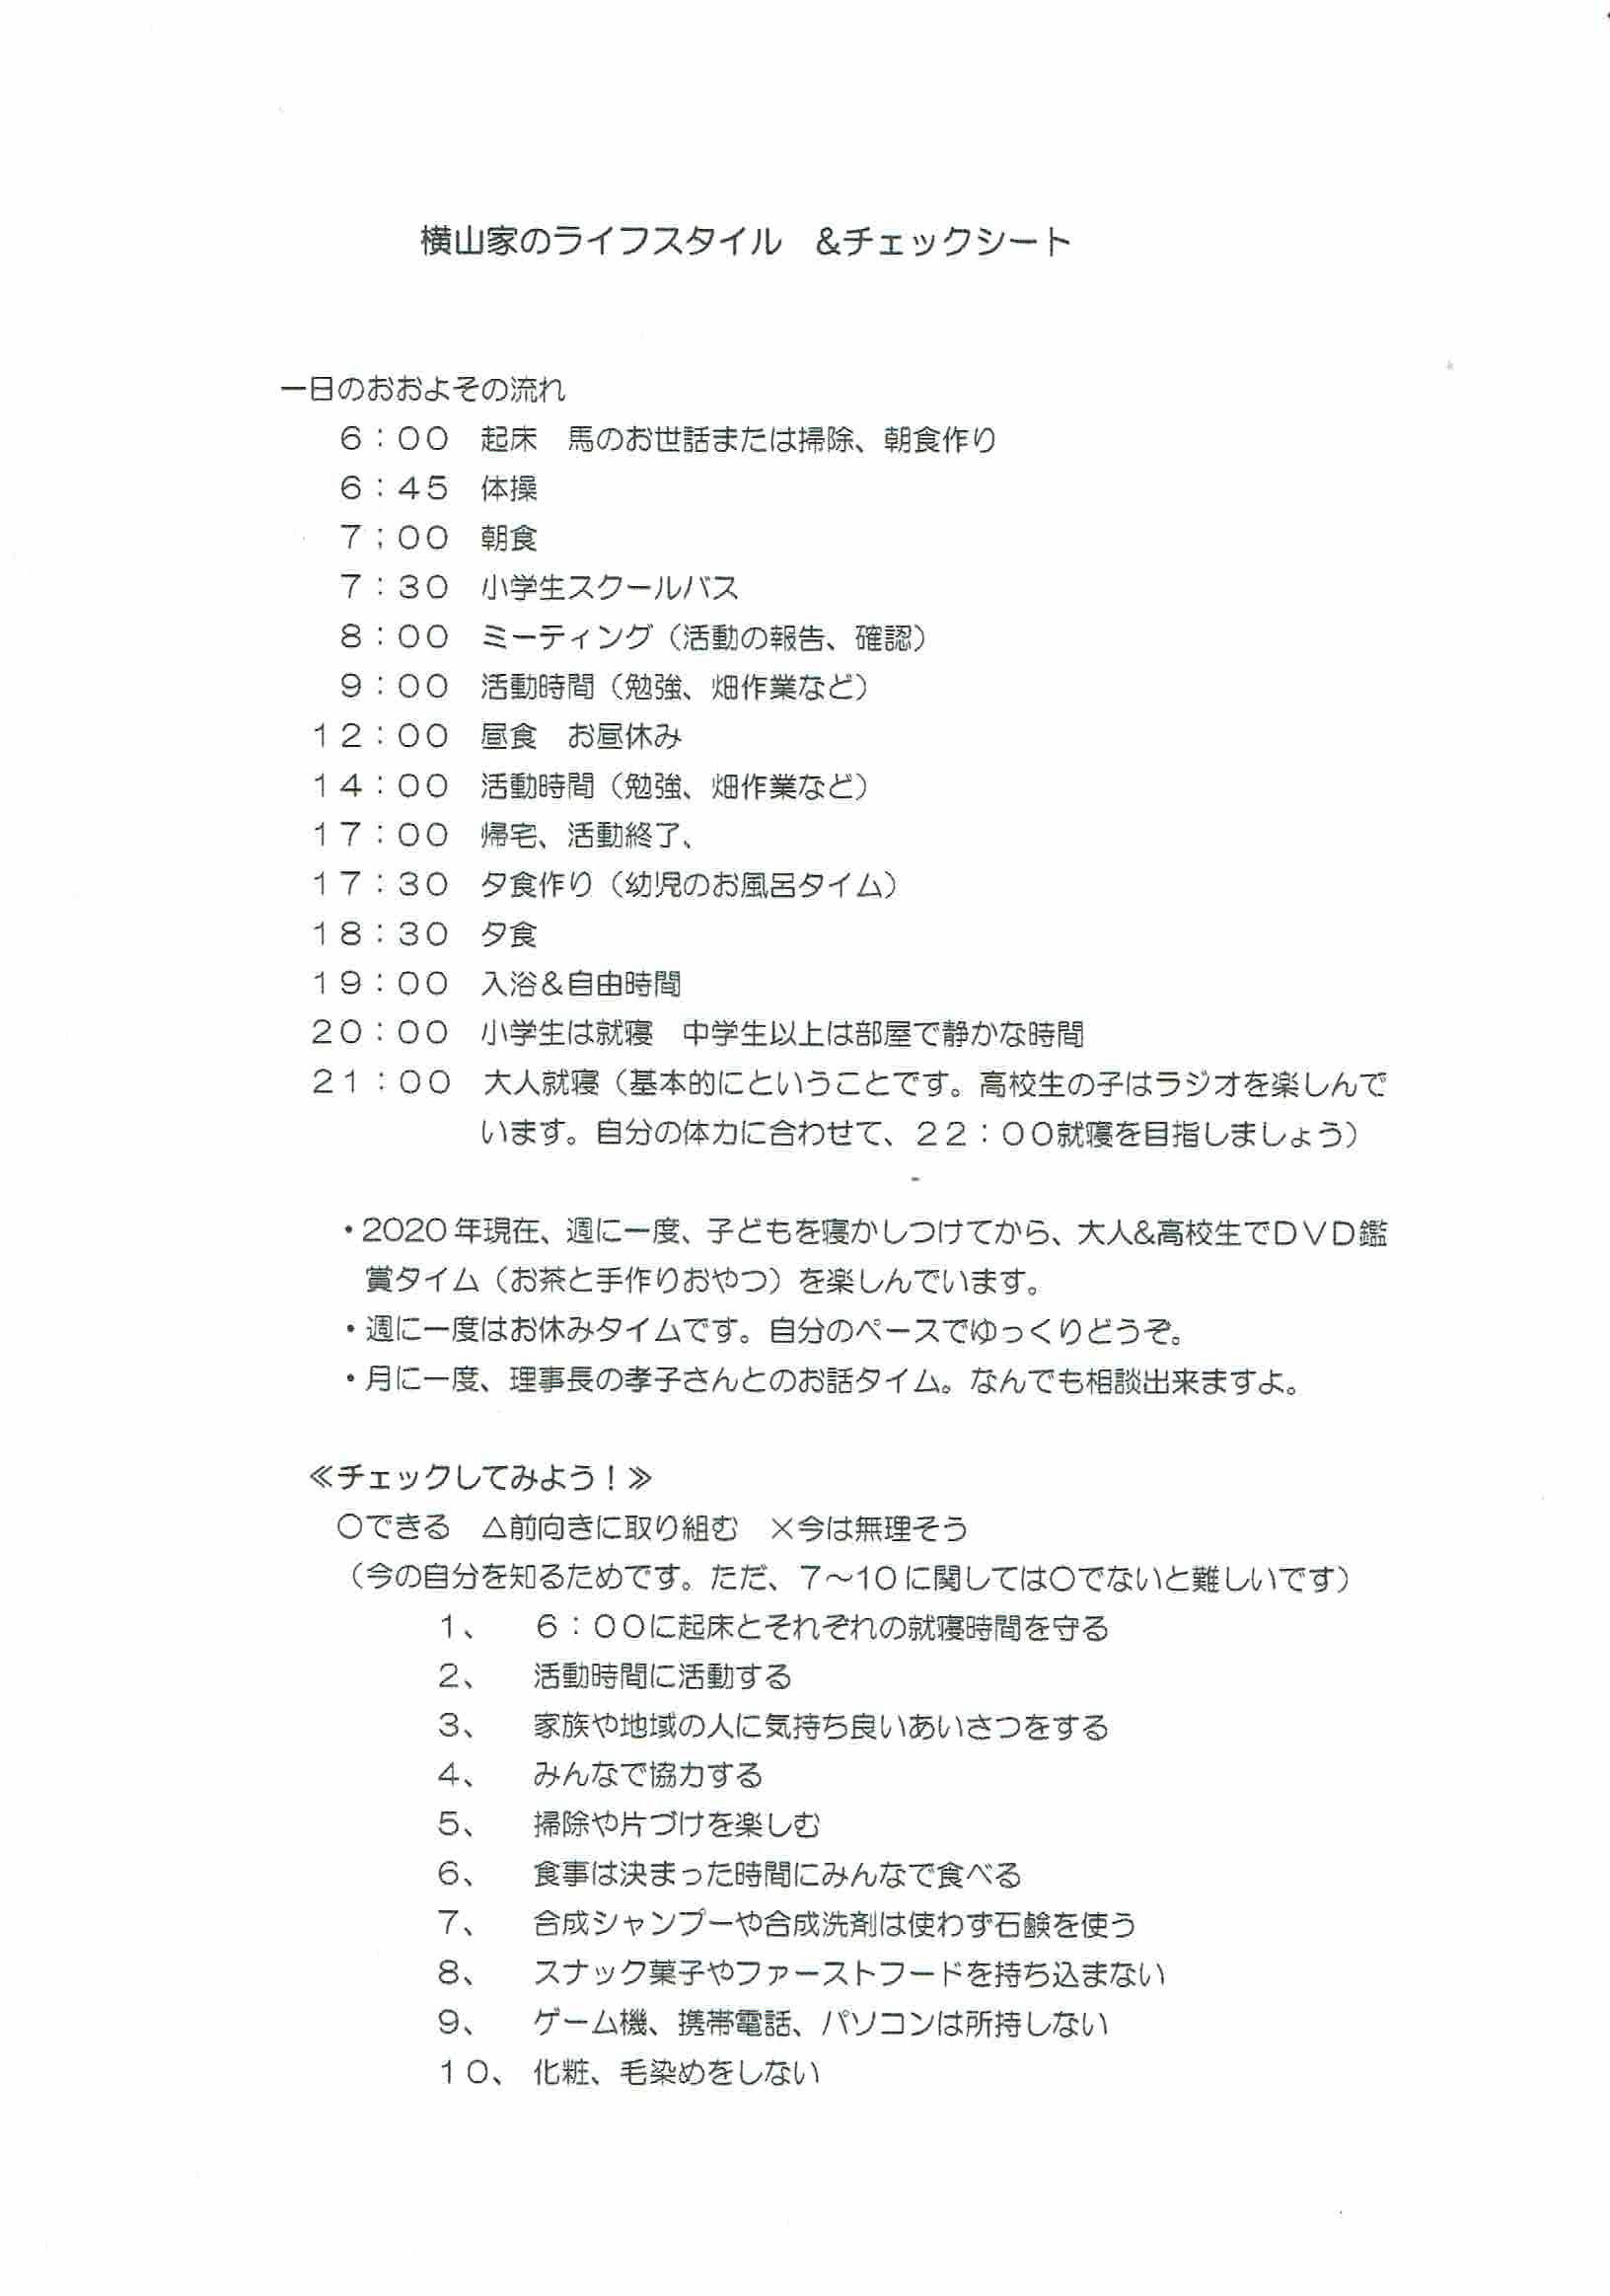 『おもいっきり〇〇しよう!』山村留学ホームステイ 随時受入れ中!!_e0015223_09291537.jpg